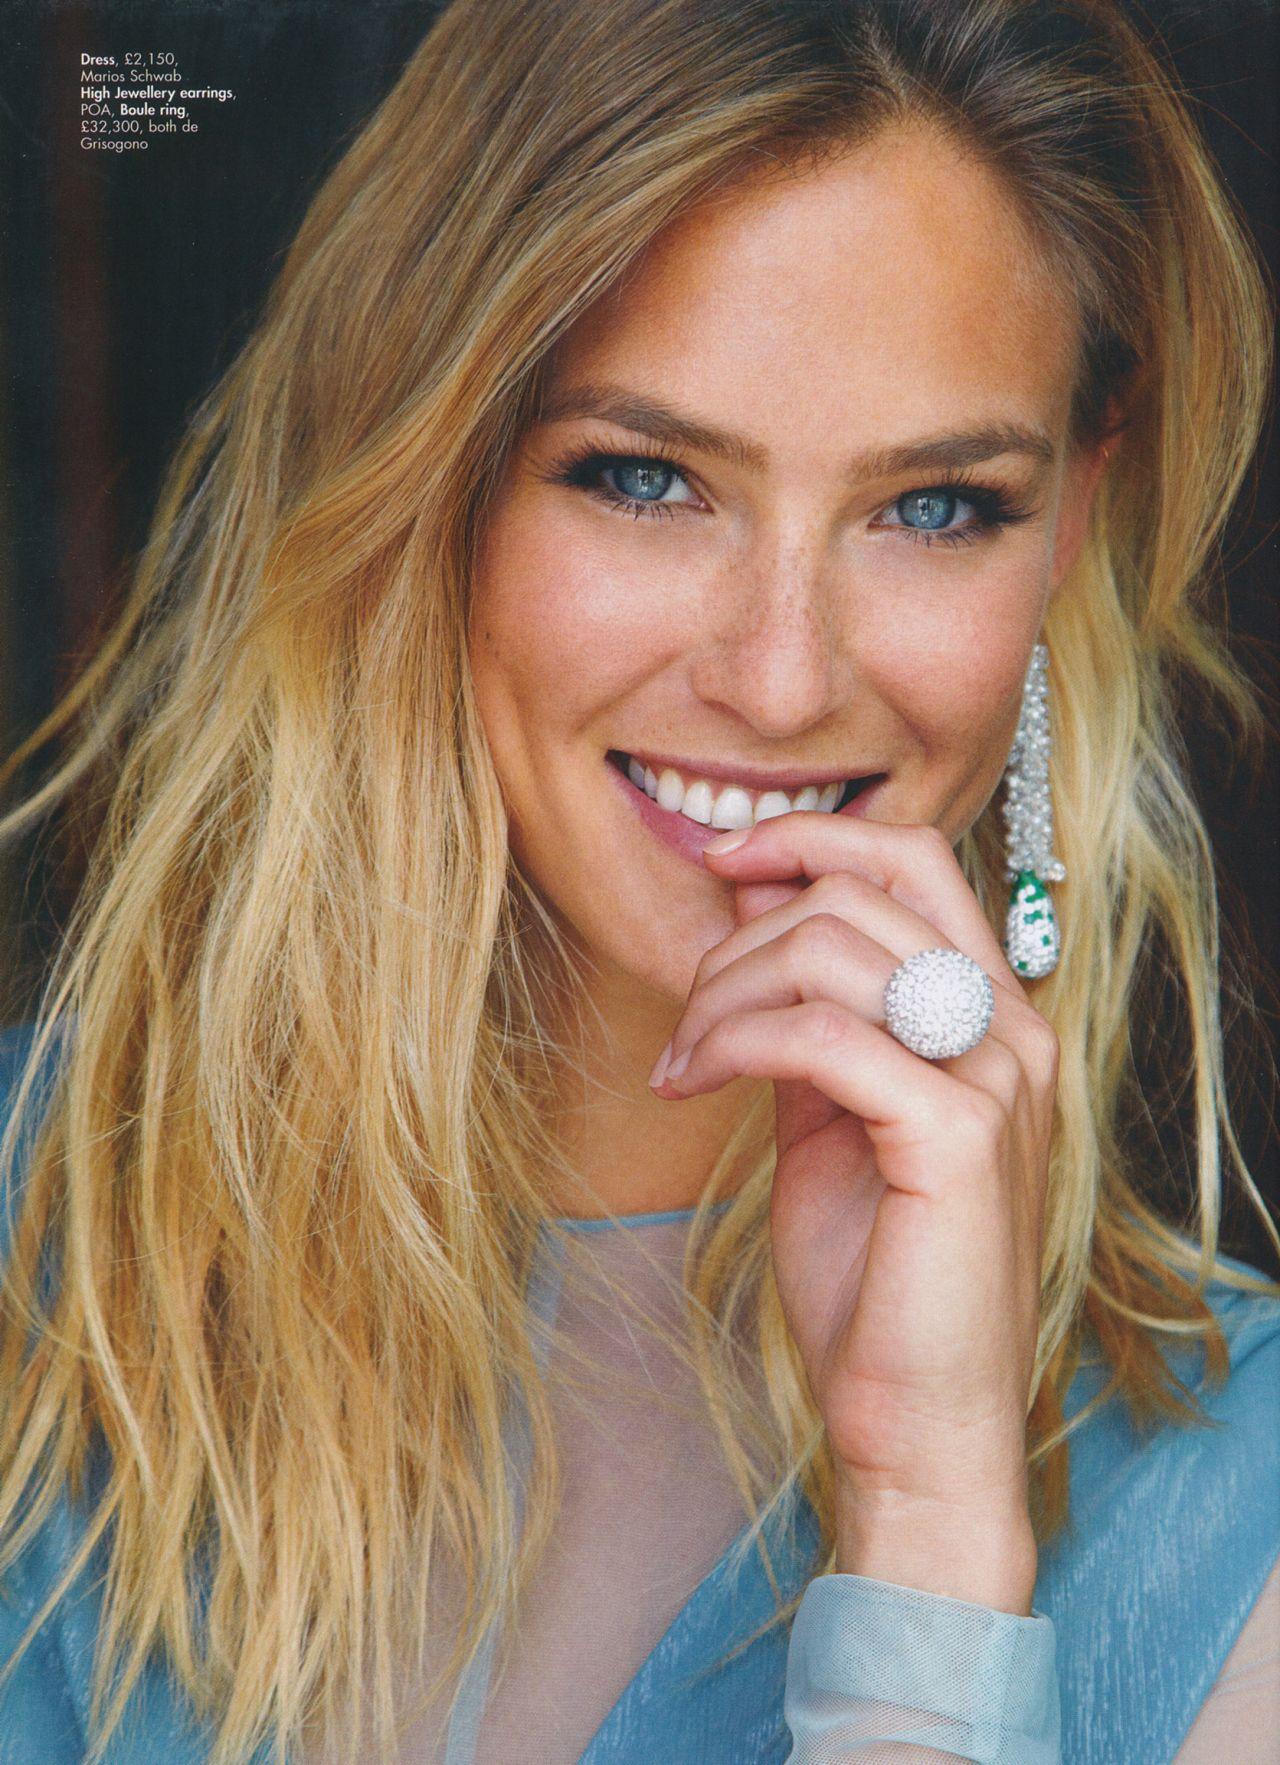 Bar Refaeli – HELLO! Fashion Monthly Magazine – August 2015 Issue